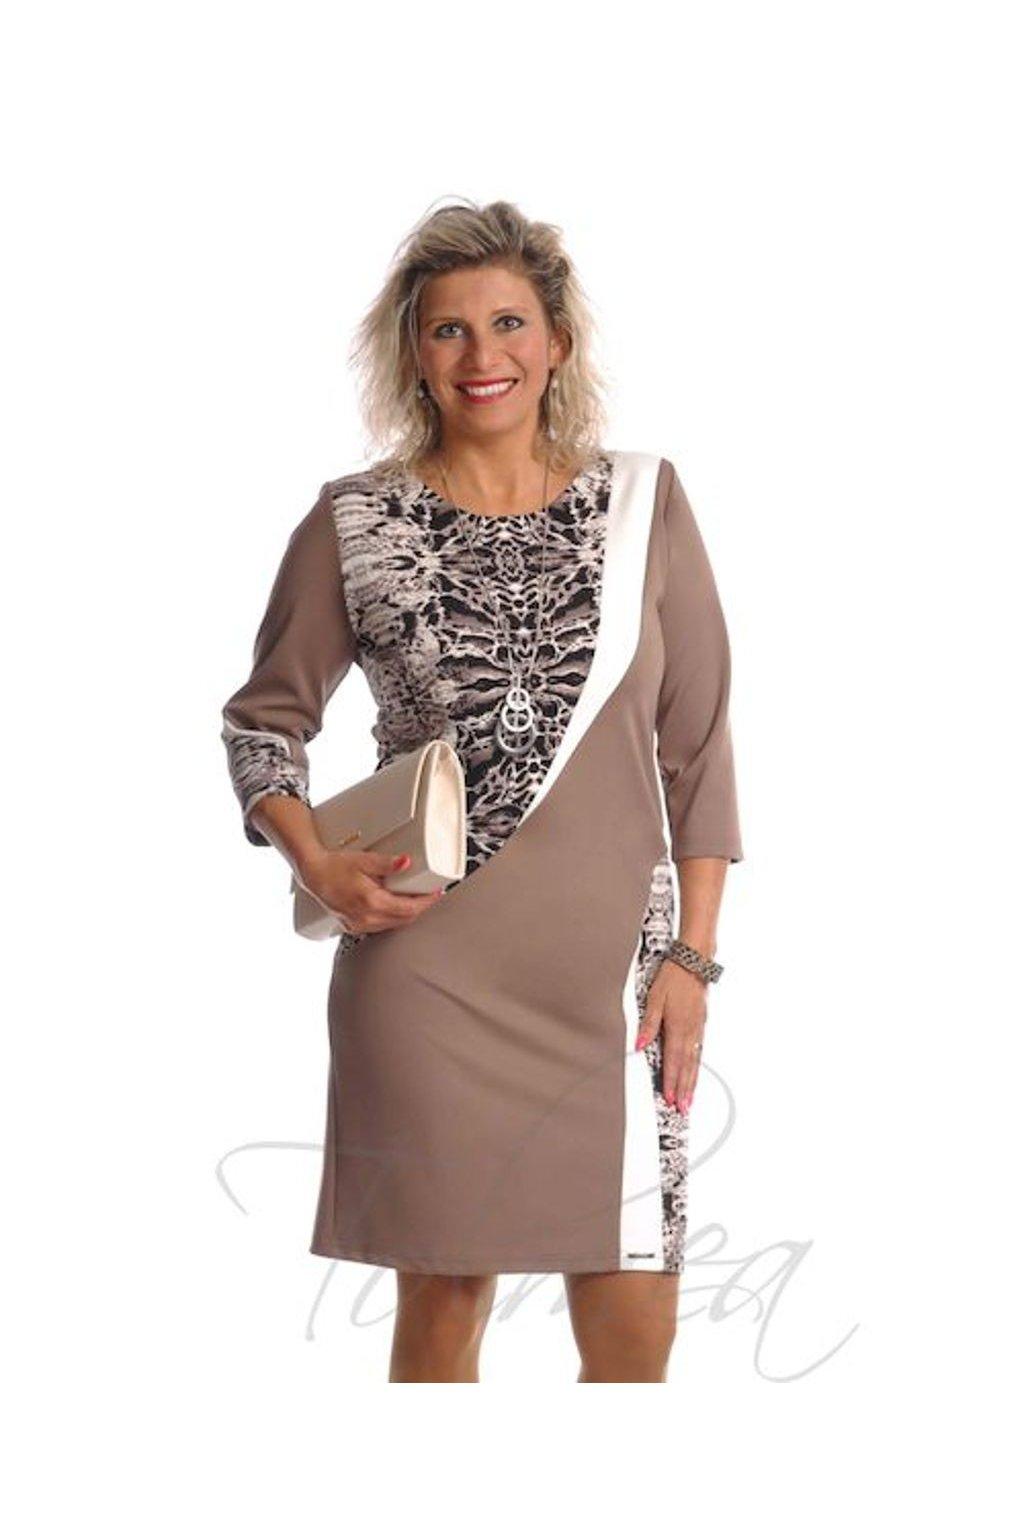 Šaty členěné šerpa 6918 (Velikost 36, Barva Hnědá)